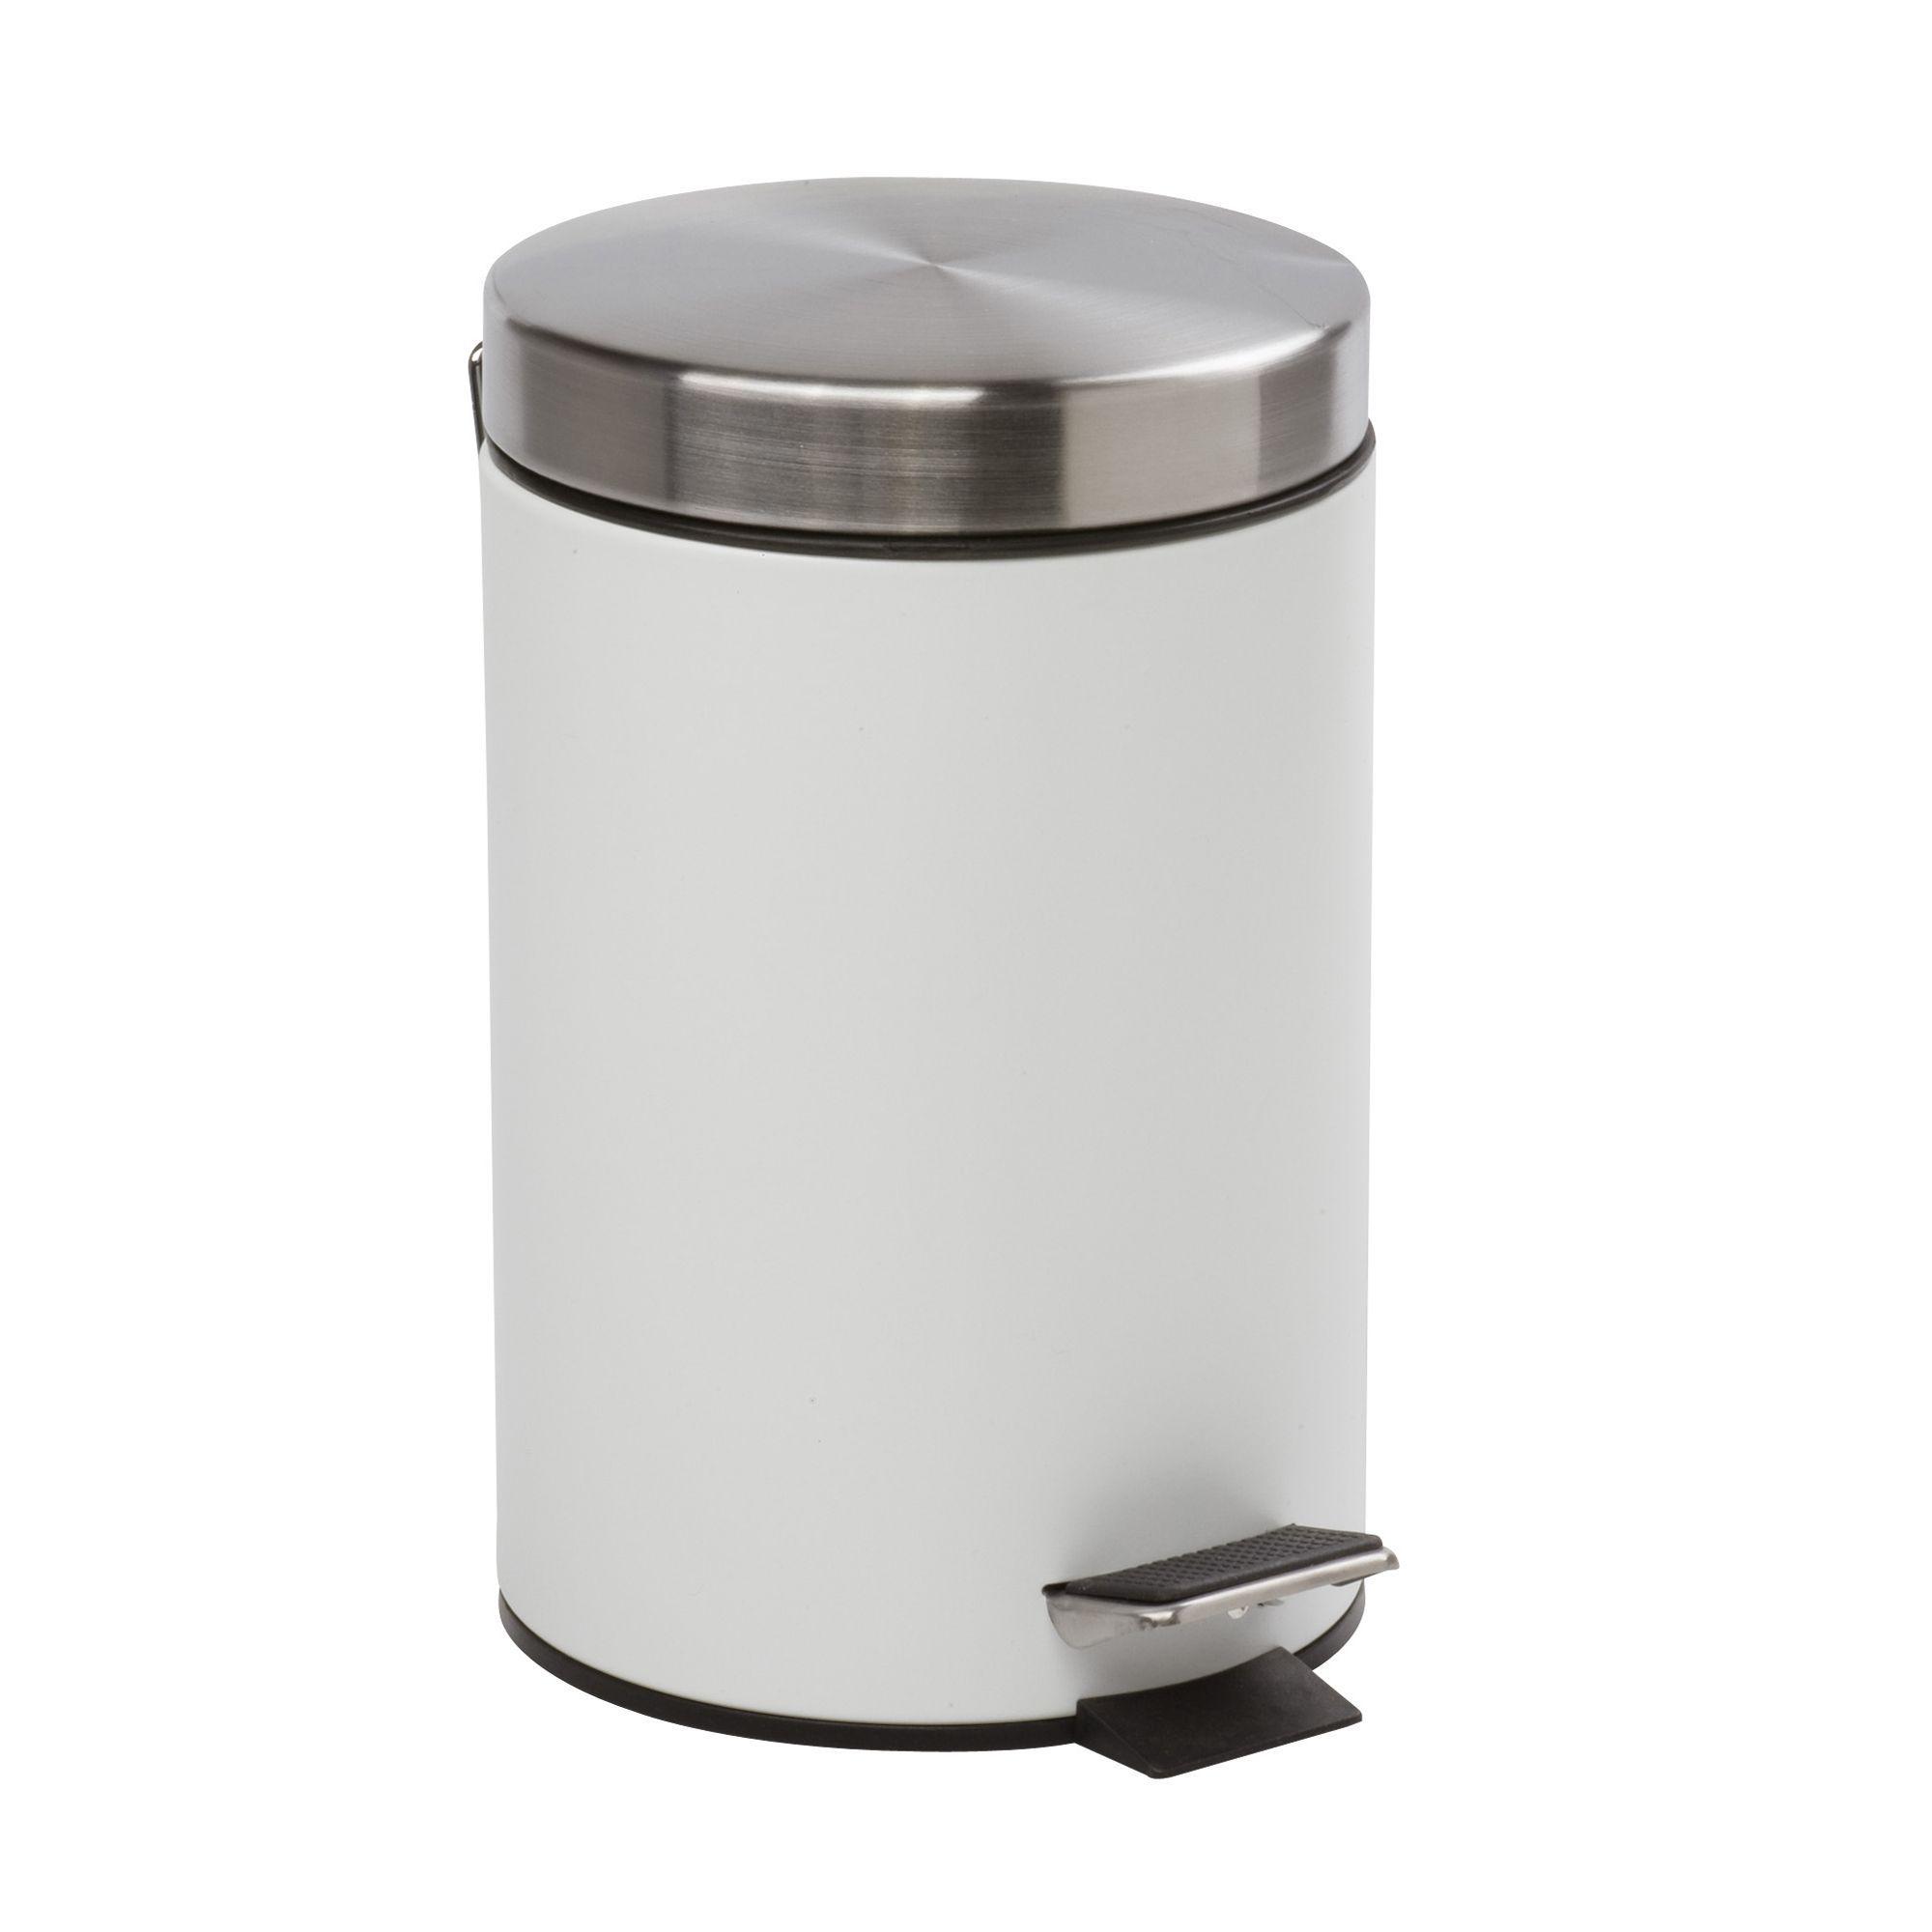 poubelle à pédale blanc - cedric - poubelles de salle de bains